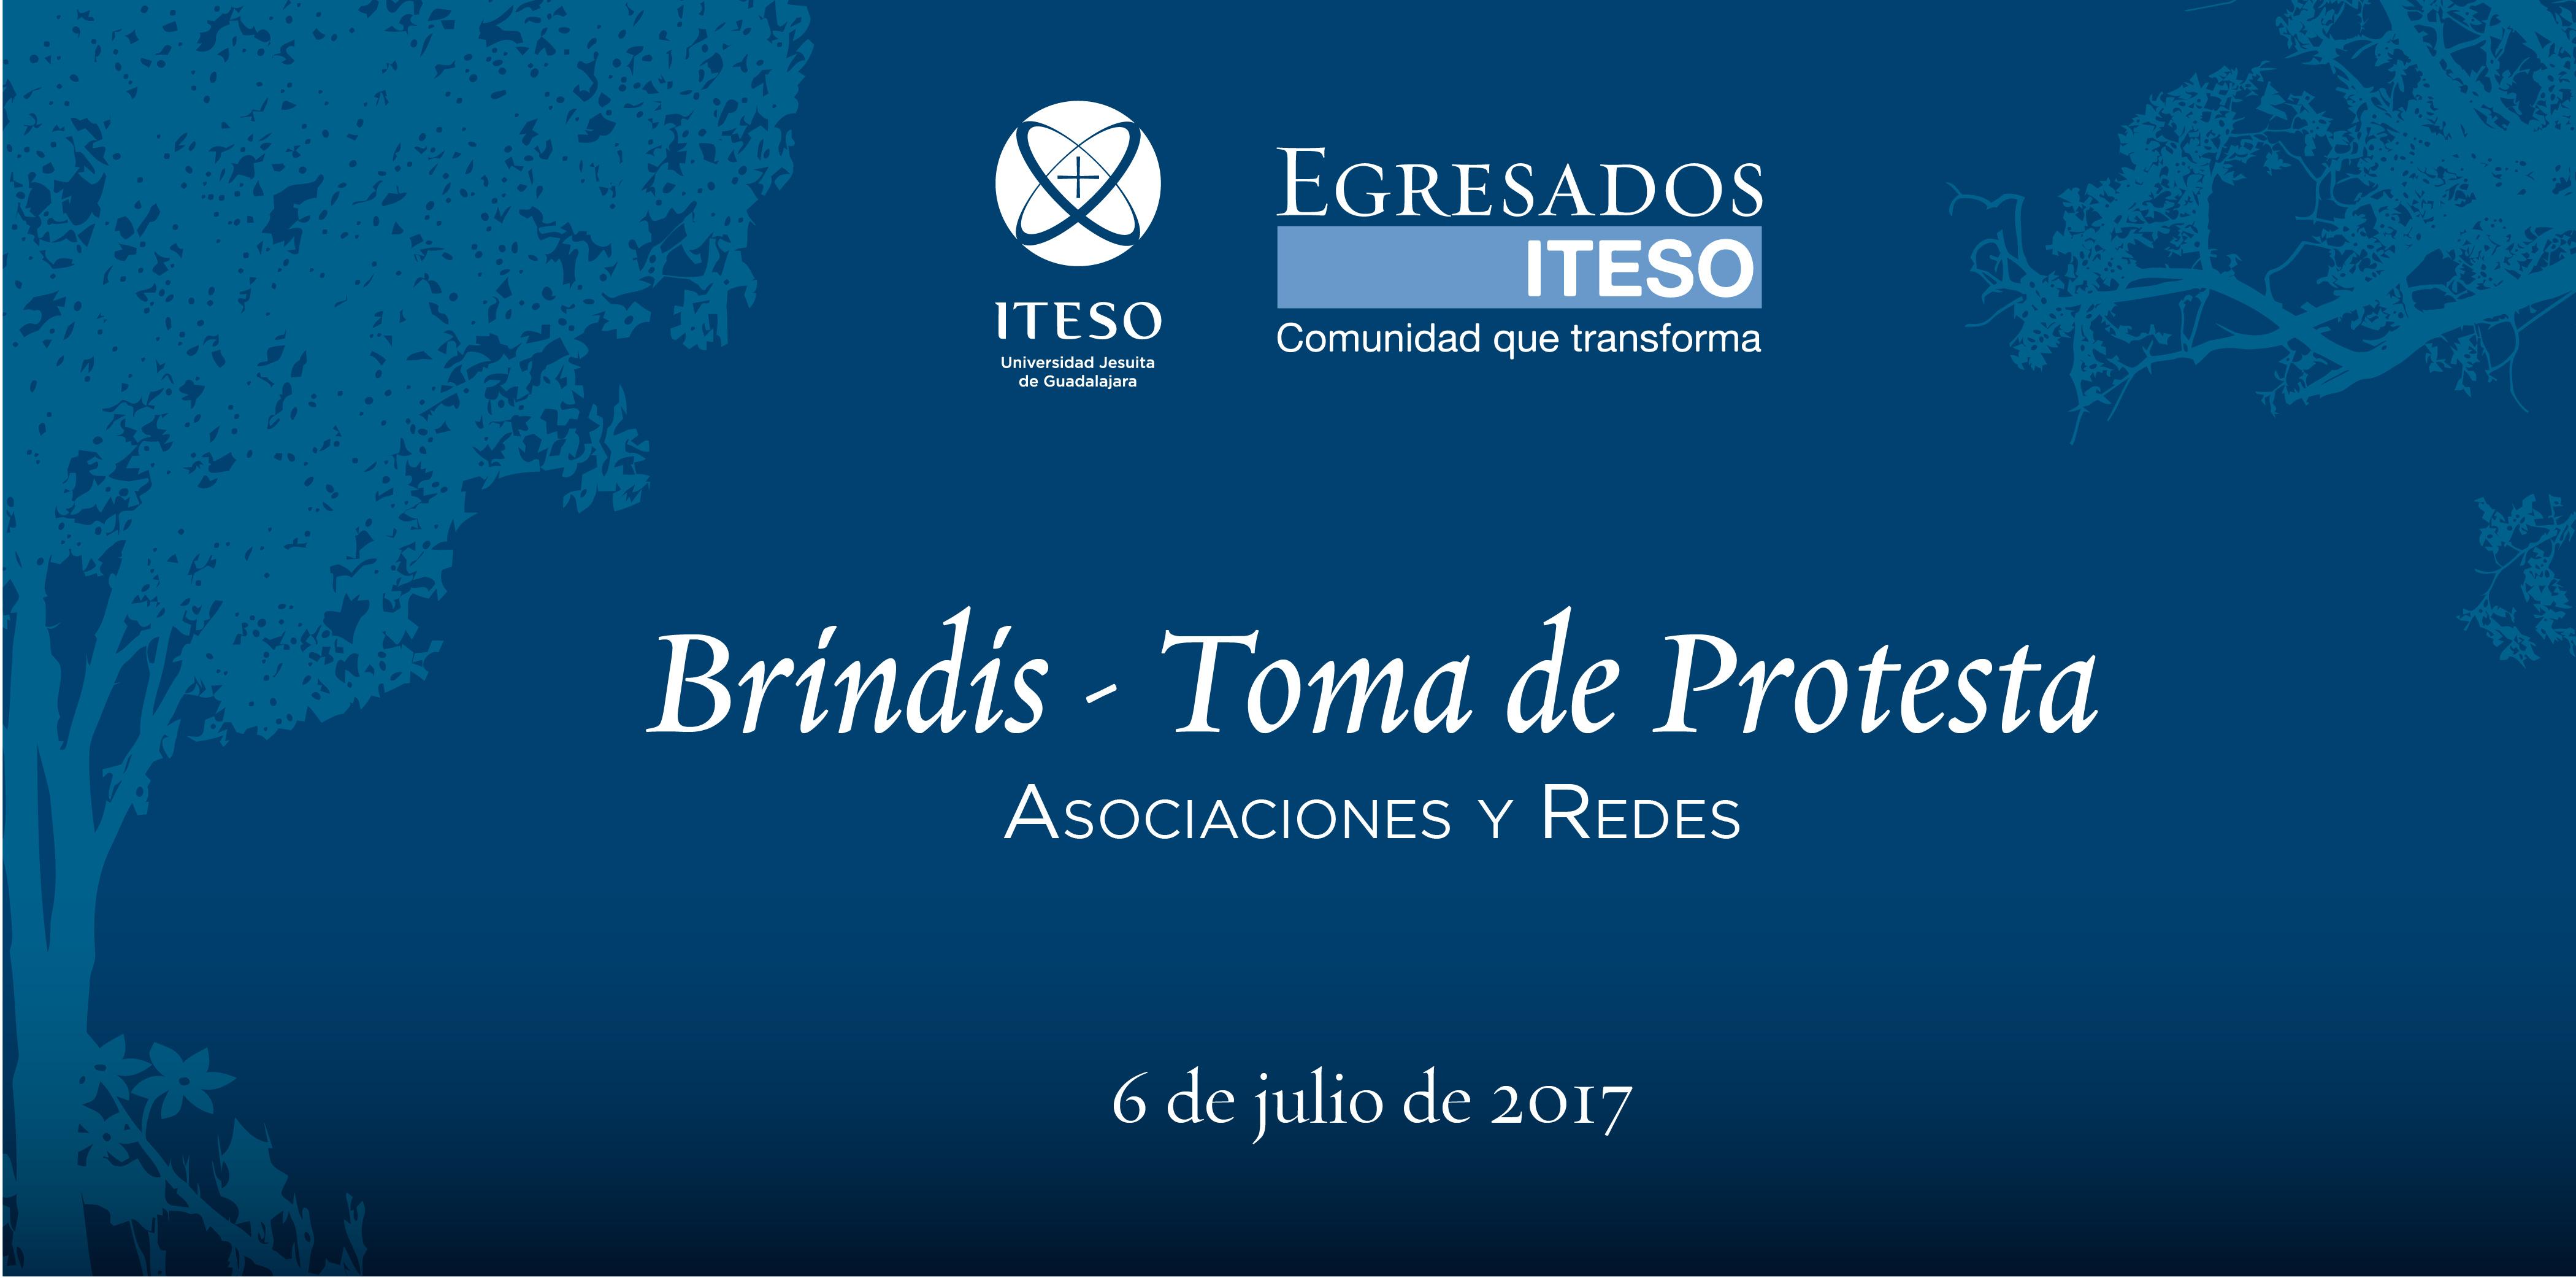 BRINDIS Y TOMA DE PROTESTA